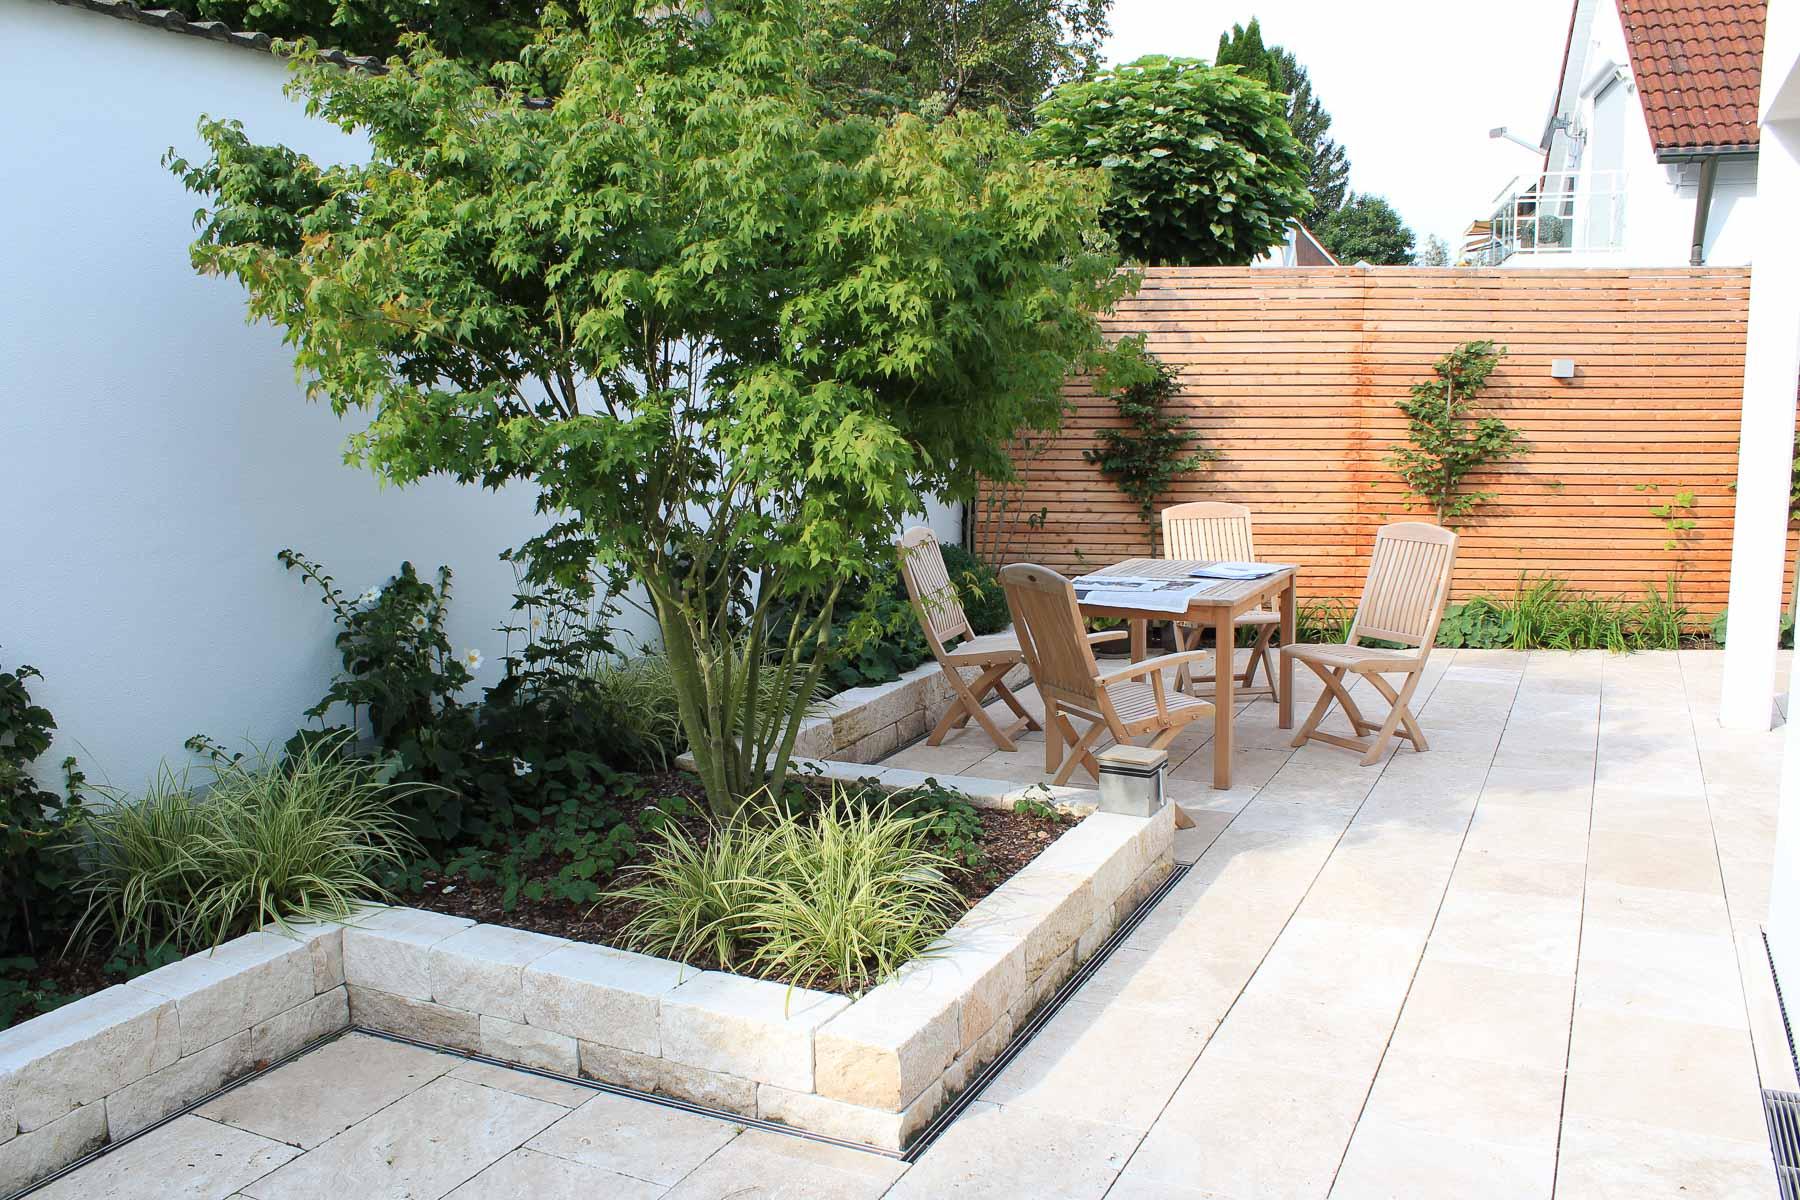 Die Lärchenholzwand schafft eine warme Atmosphäre auf der Terrasse